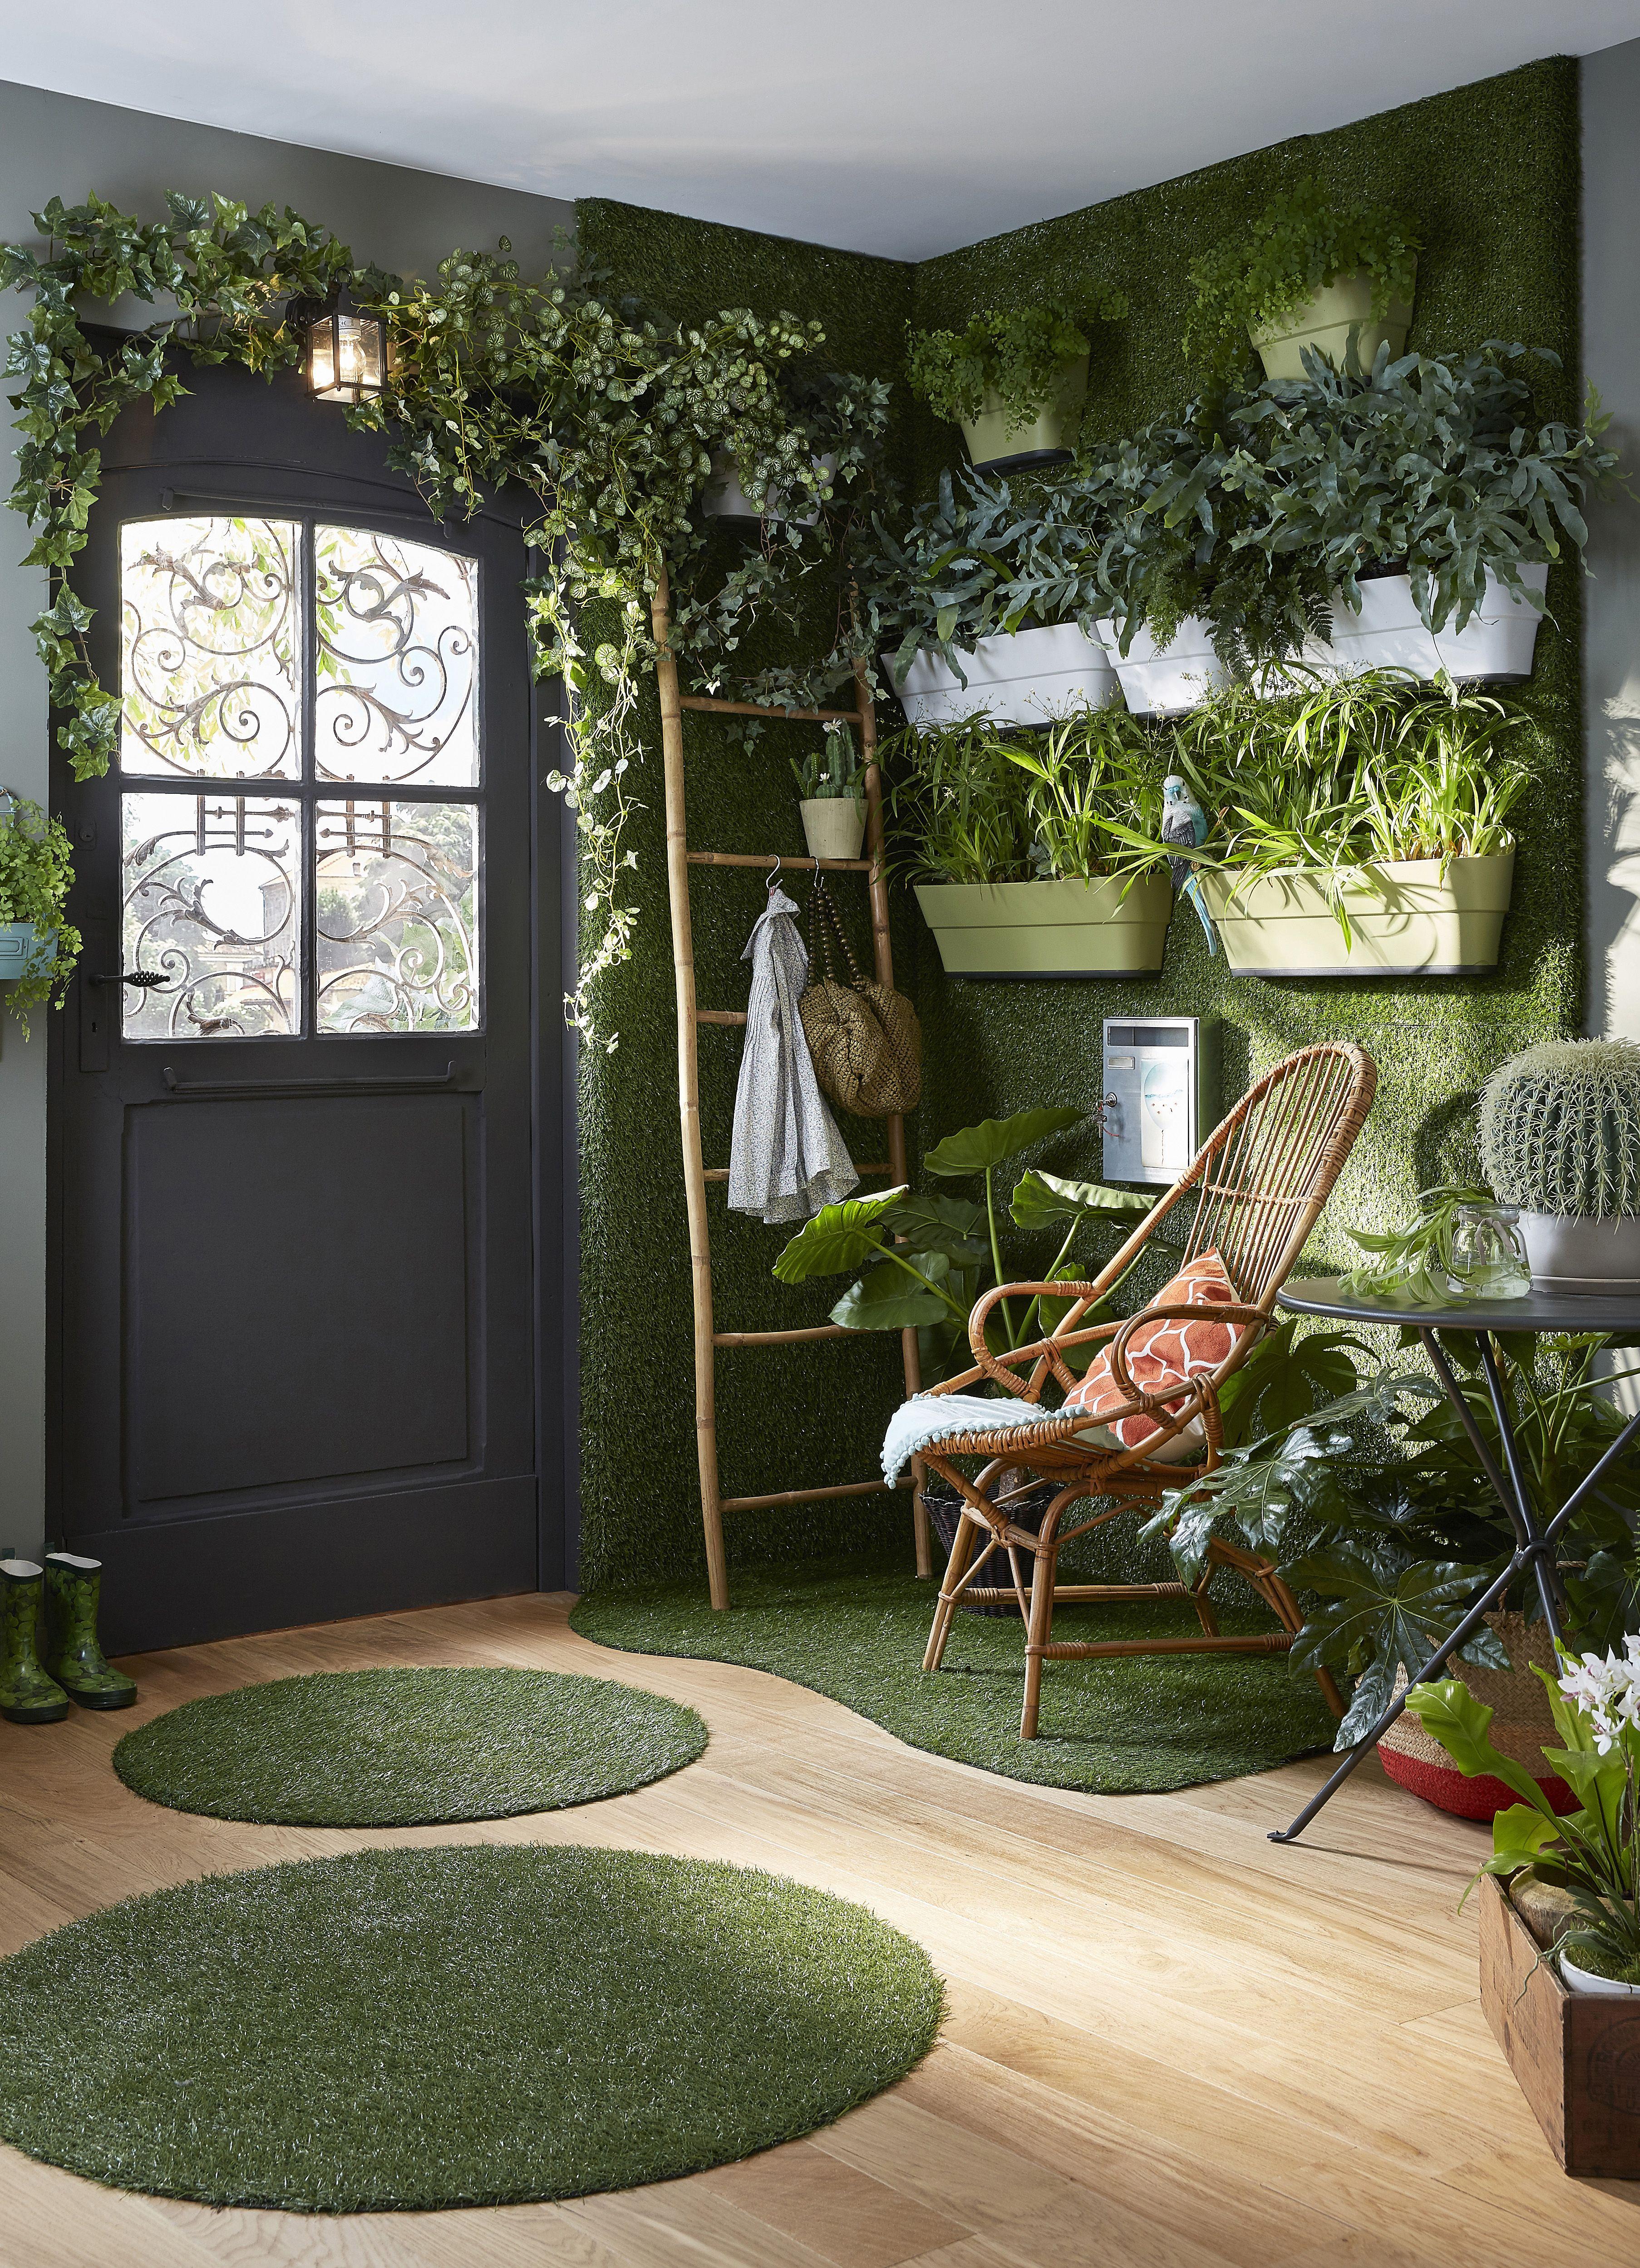 Offrez vous un jardin en int rieur en osant un mur - Jardin majorelle prix d entree ...